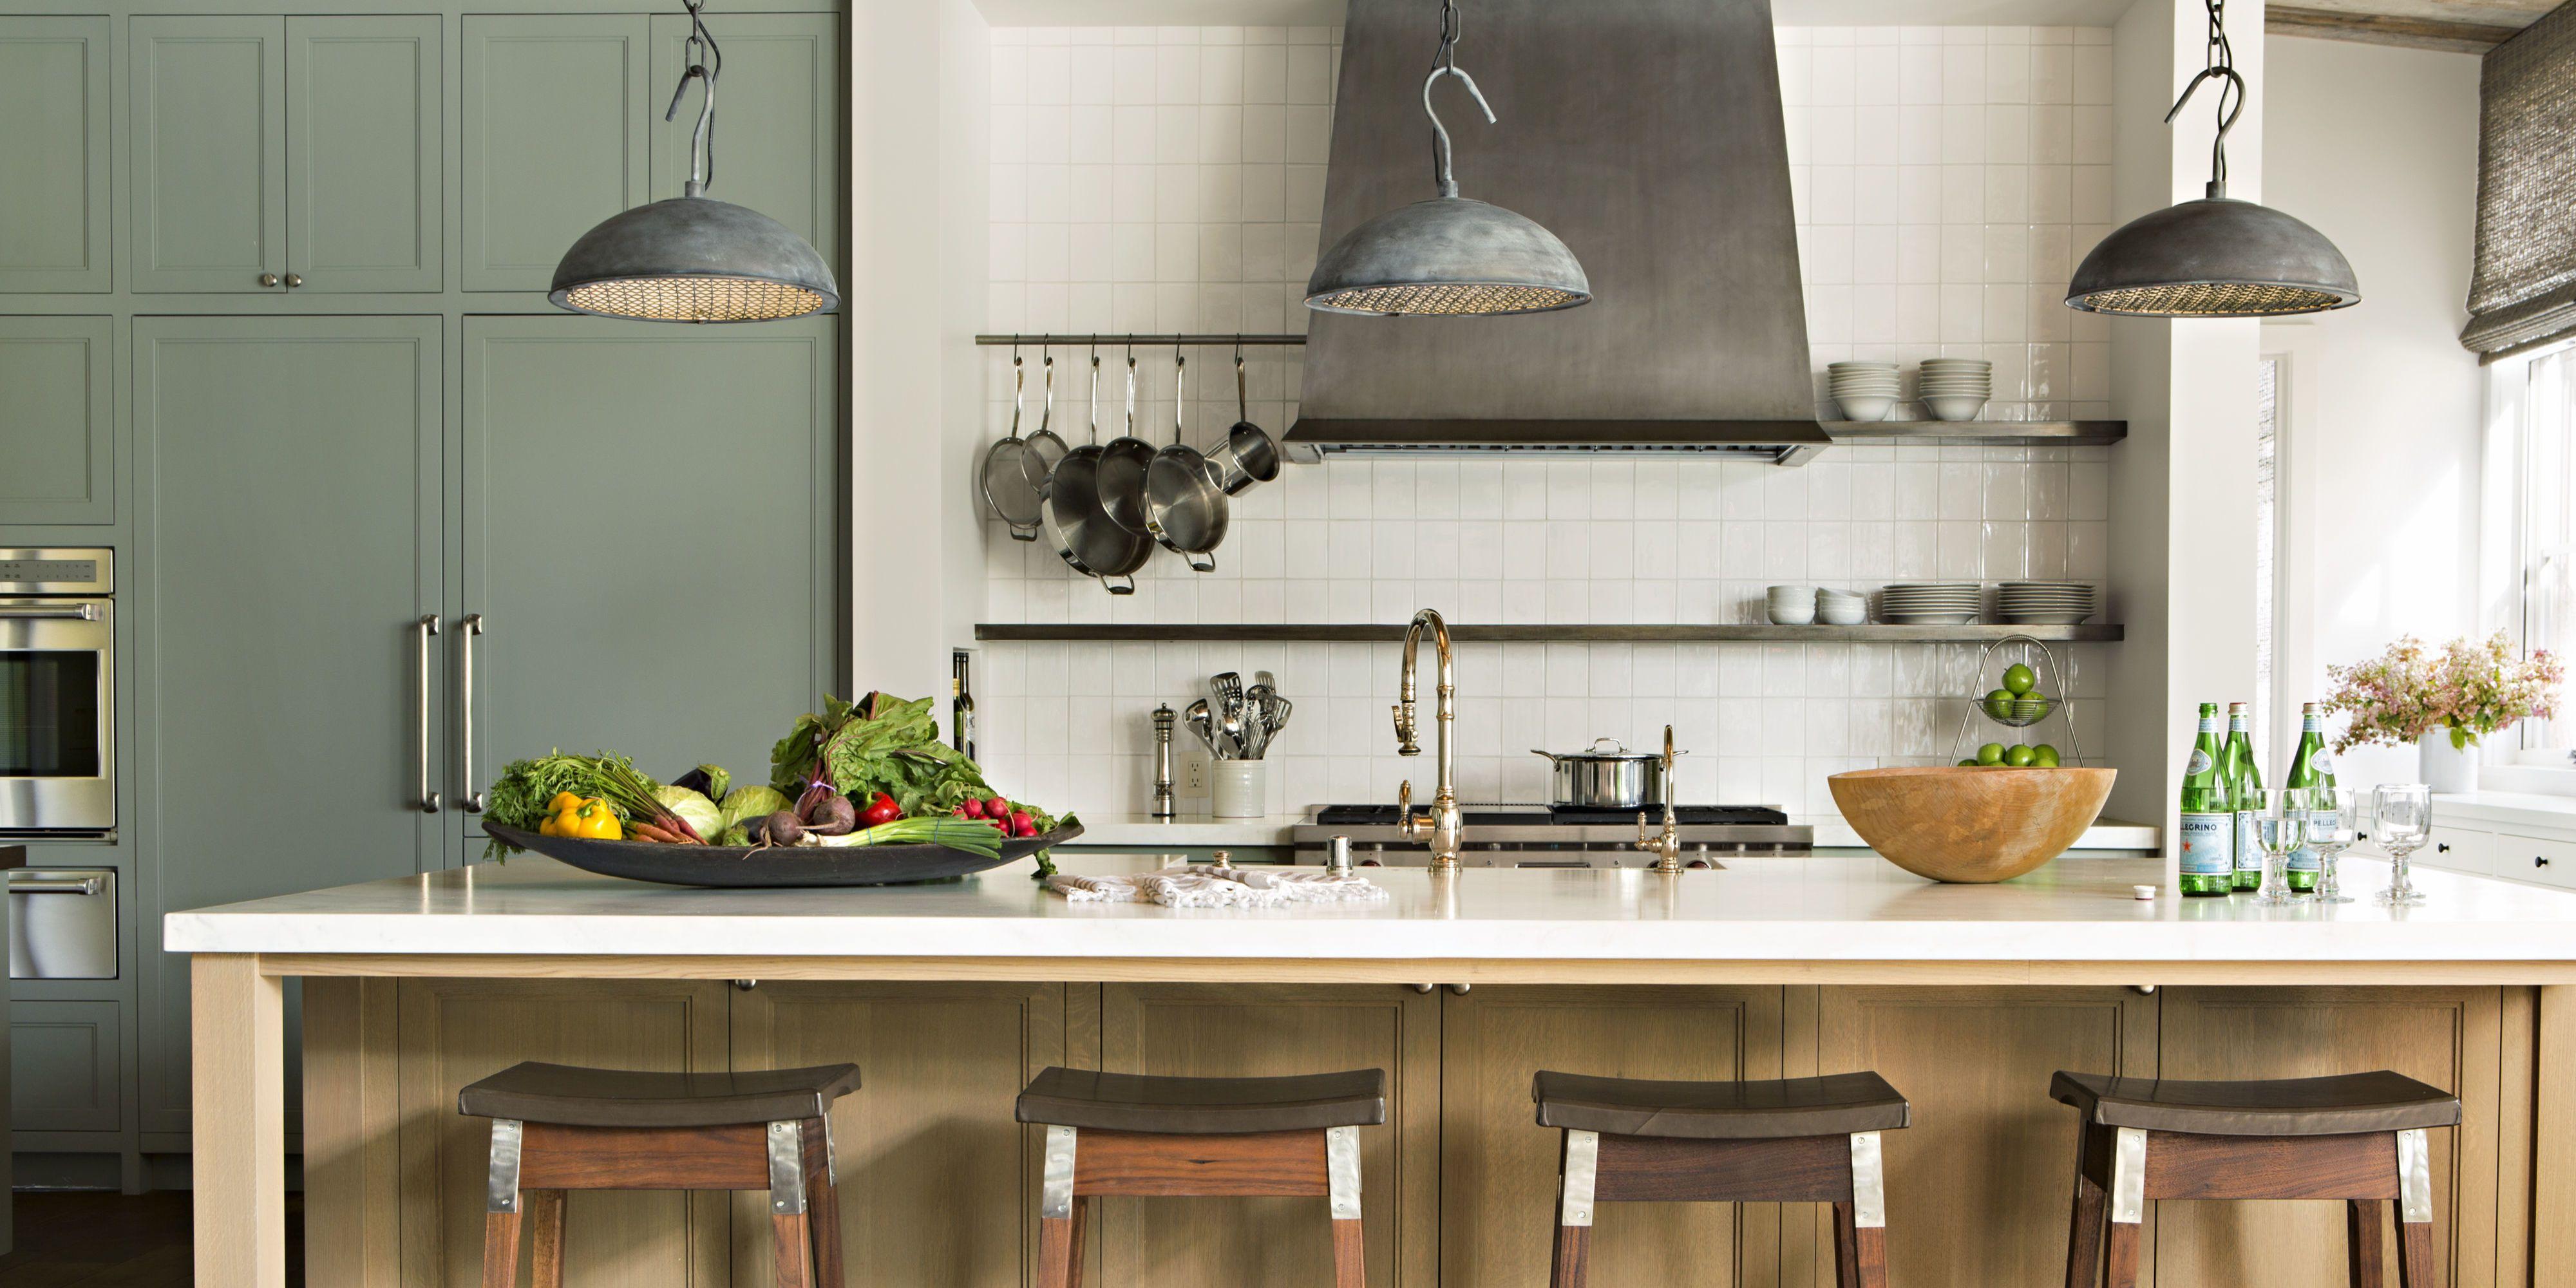 20 best kitchen lighting ideas modern light fixtures for home rh housebeautiful com kitchen lighting ideas led kitchen lighting ideas small kitchen